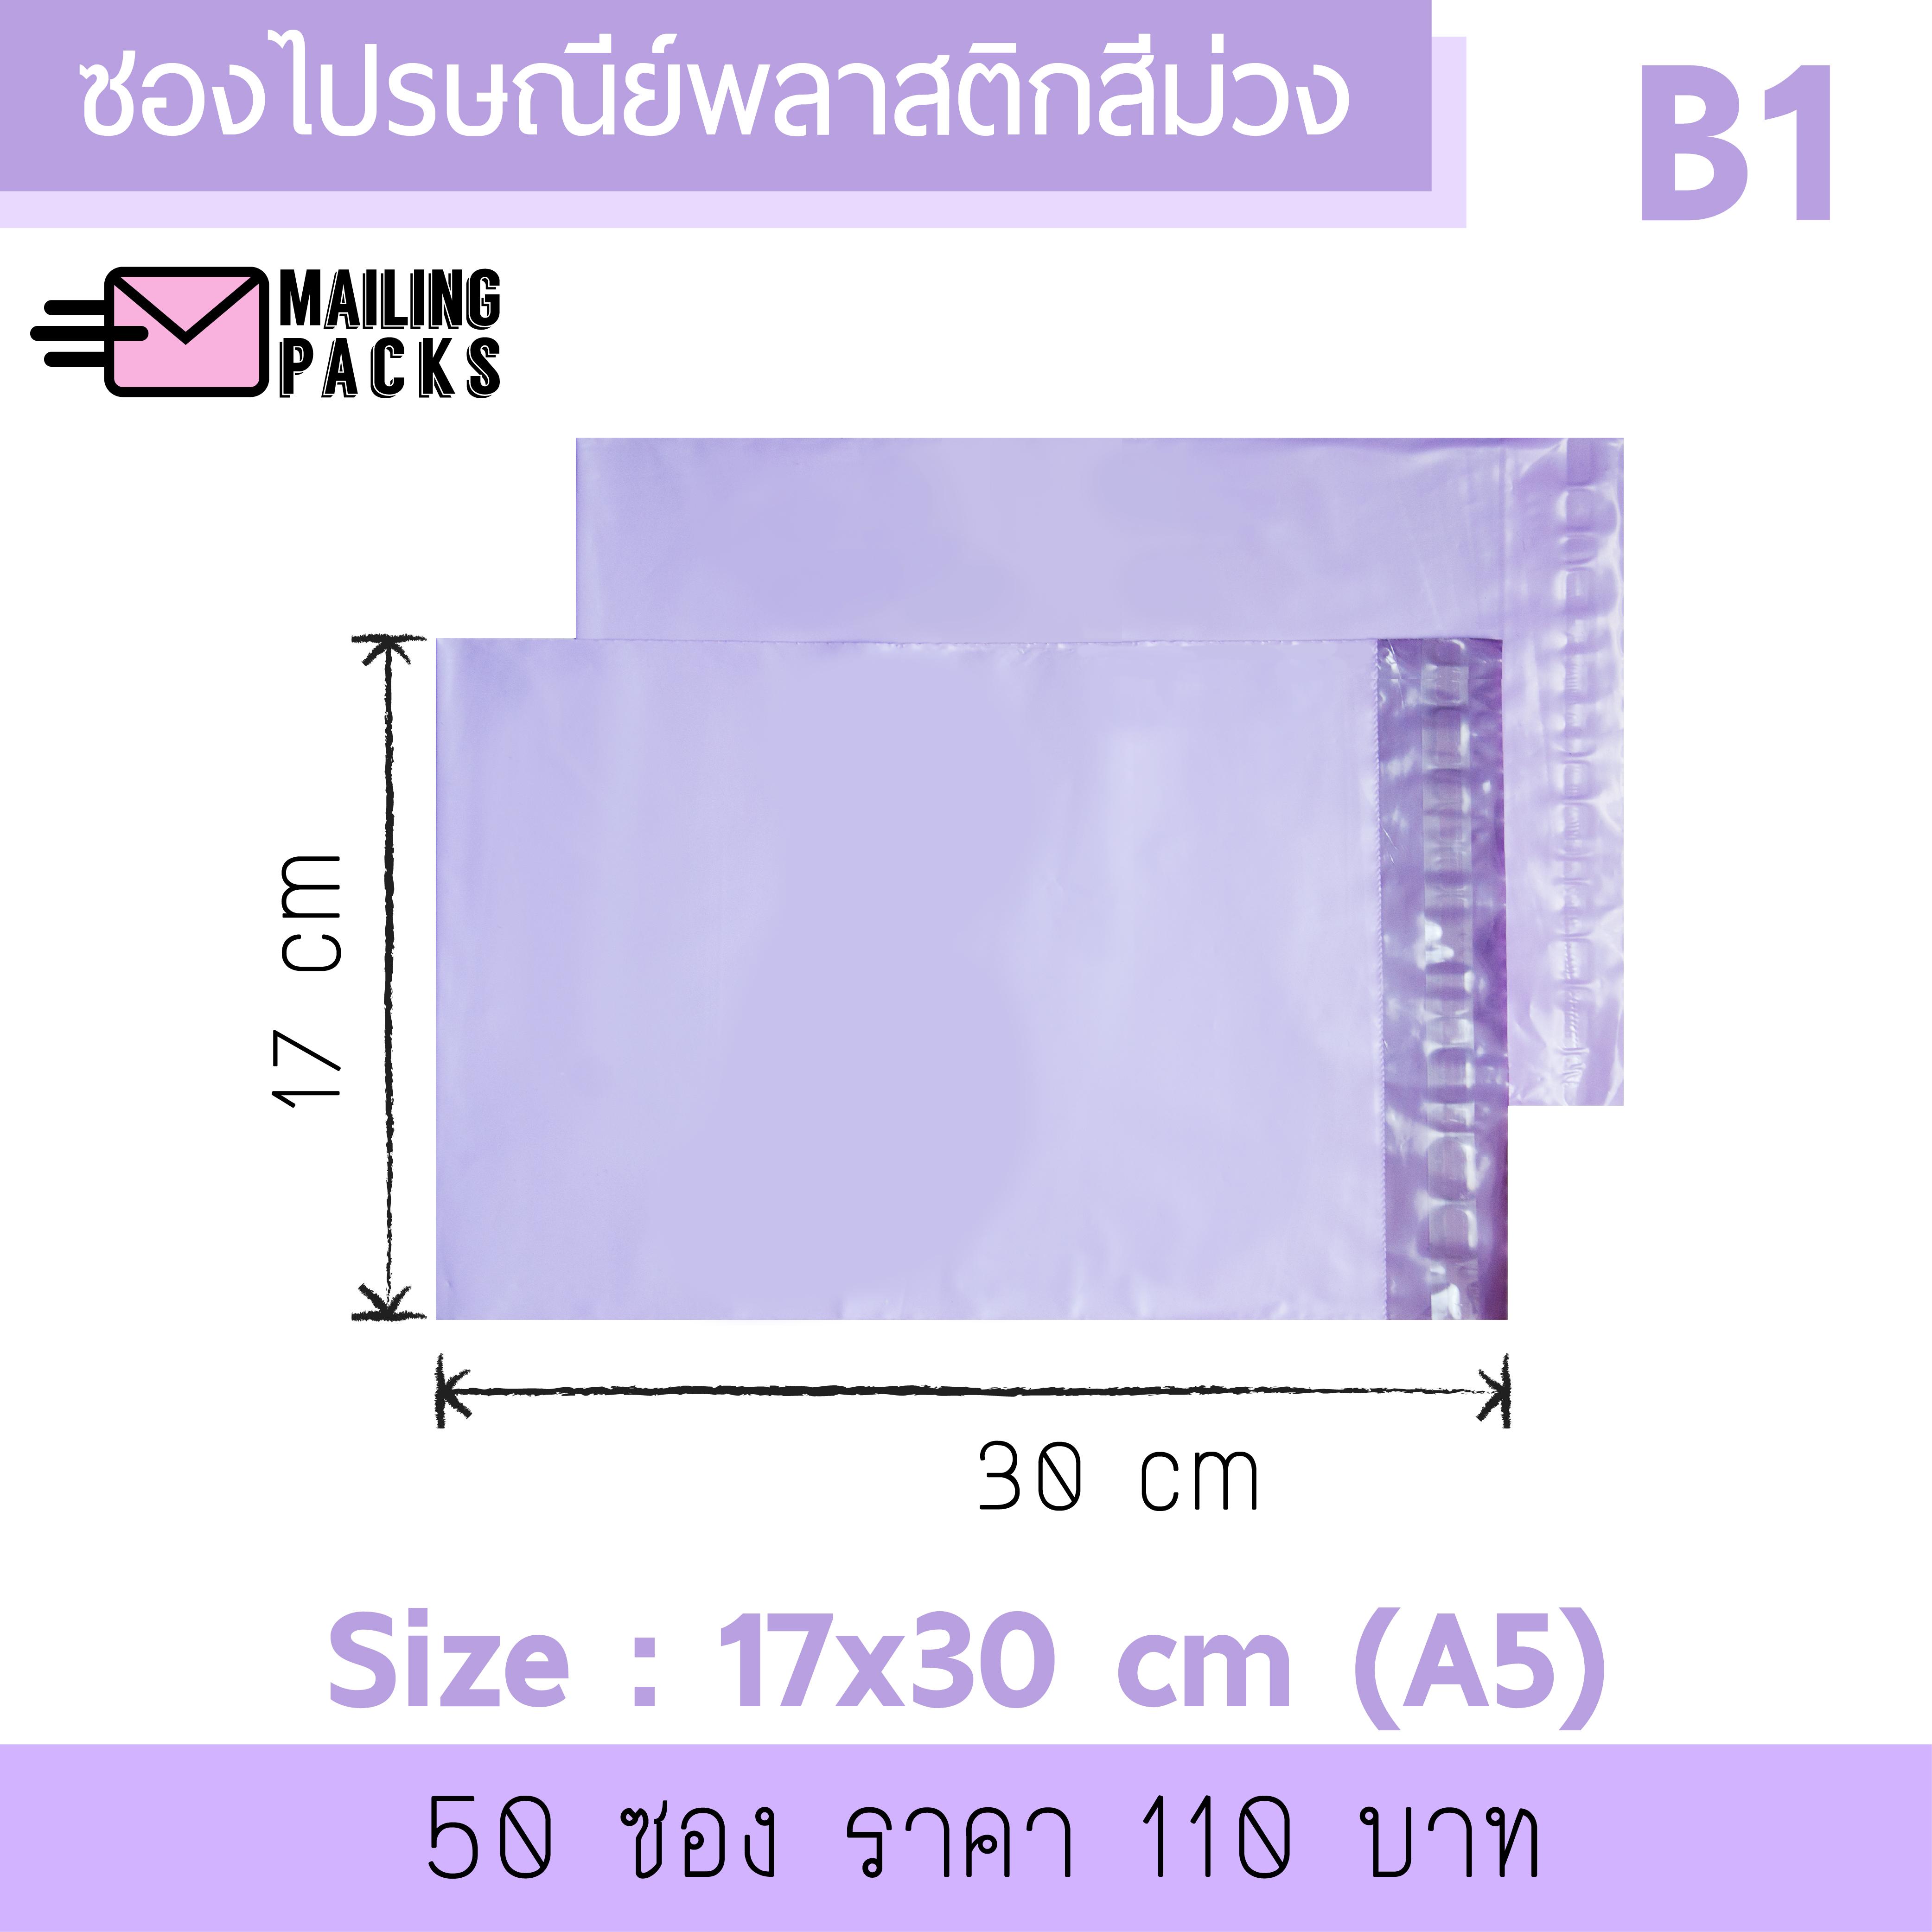 ซองไปรษณีย์พลาสติก สีม่วงพาสเทล B1 : 17x30 cm. (50 ซอง)